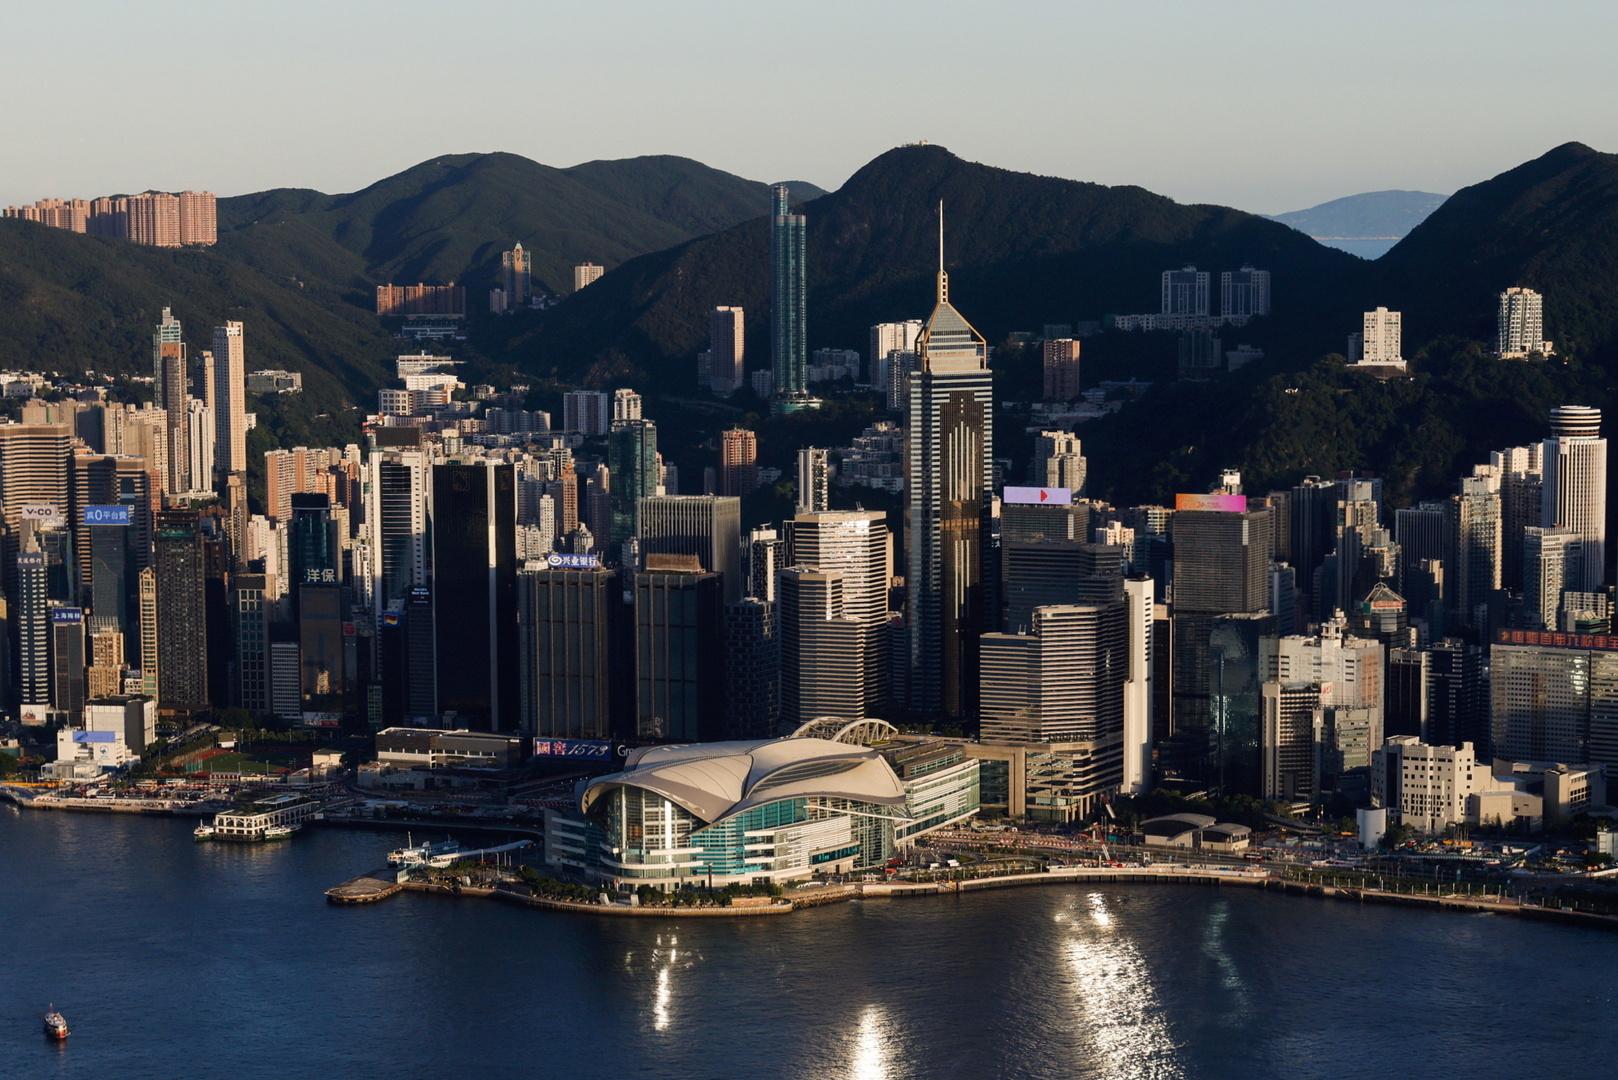 قسائم استهلاكية لفئتين محددتين من الشعب في هونغ كونغ